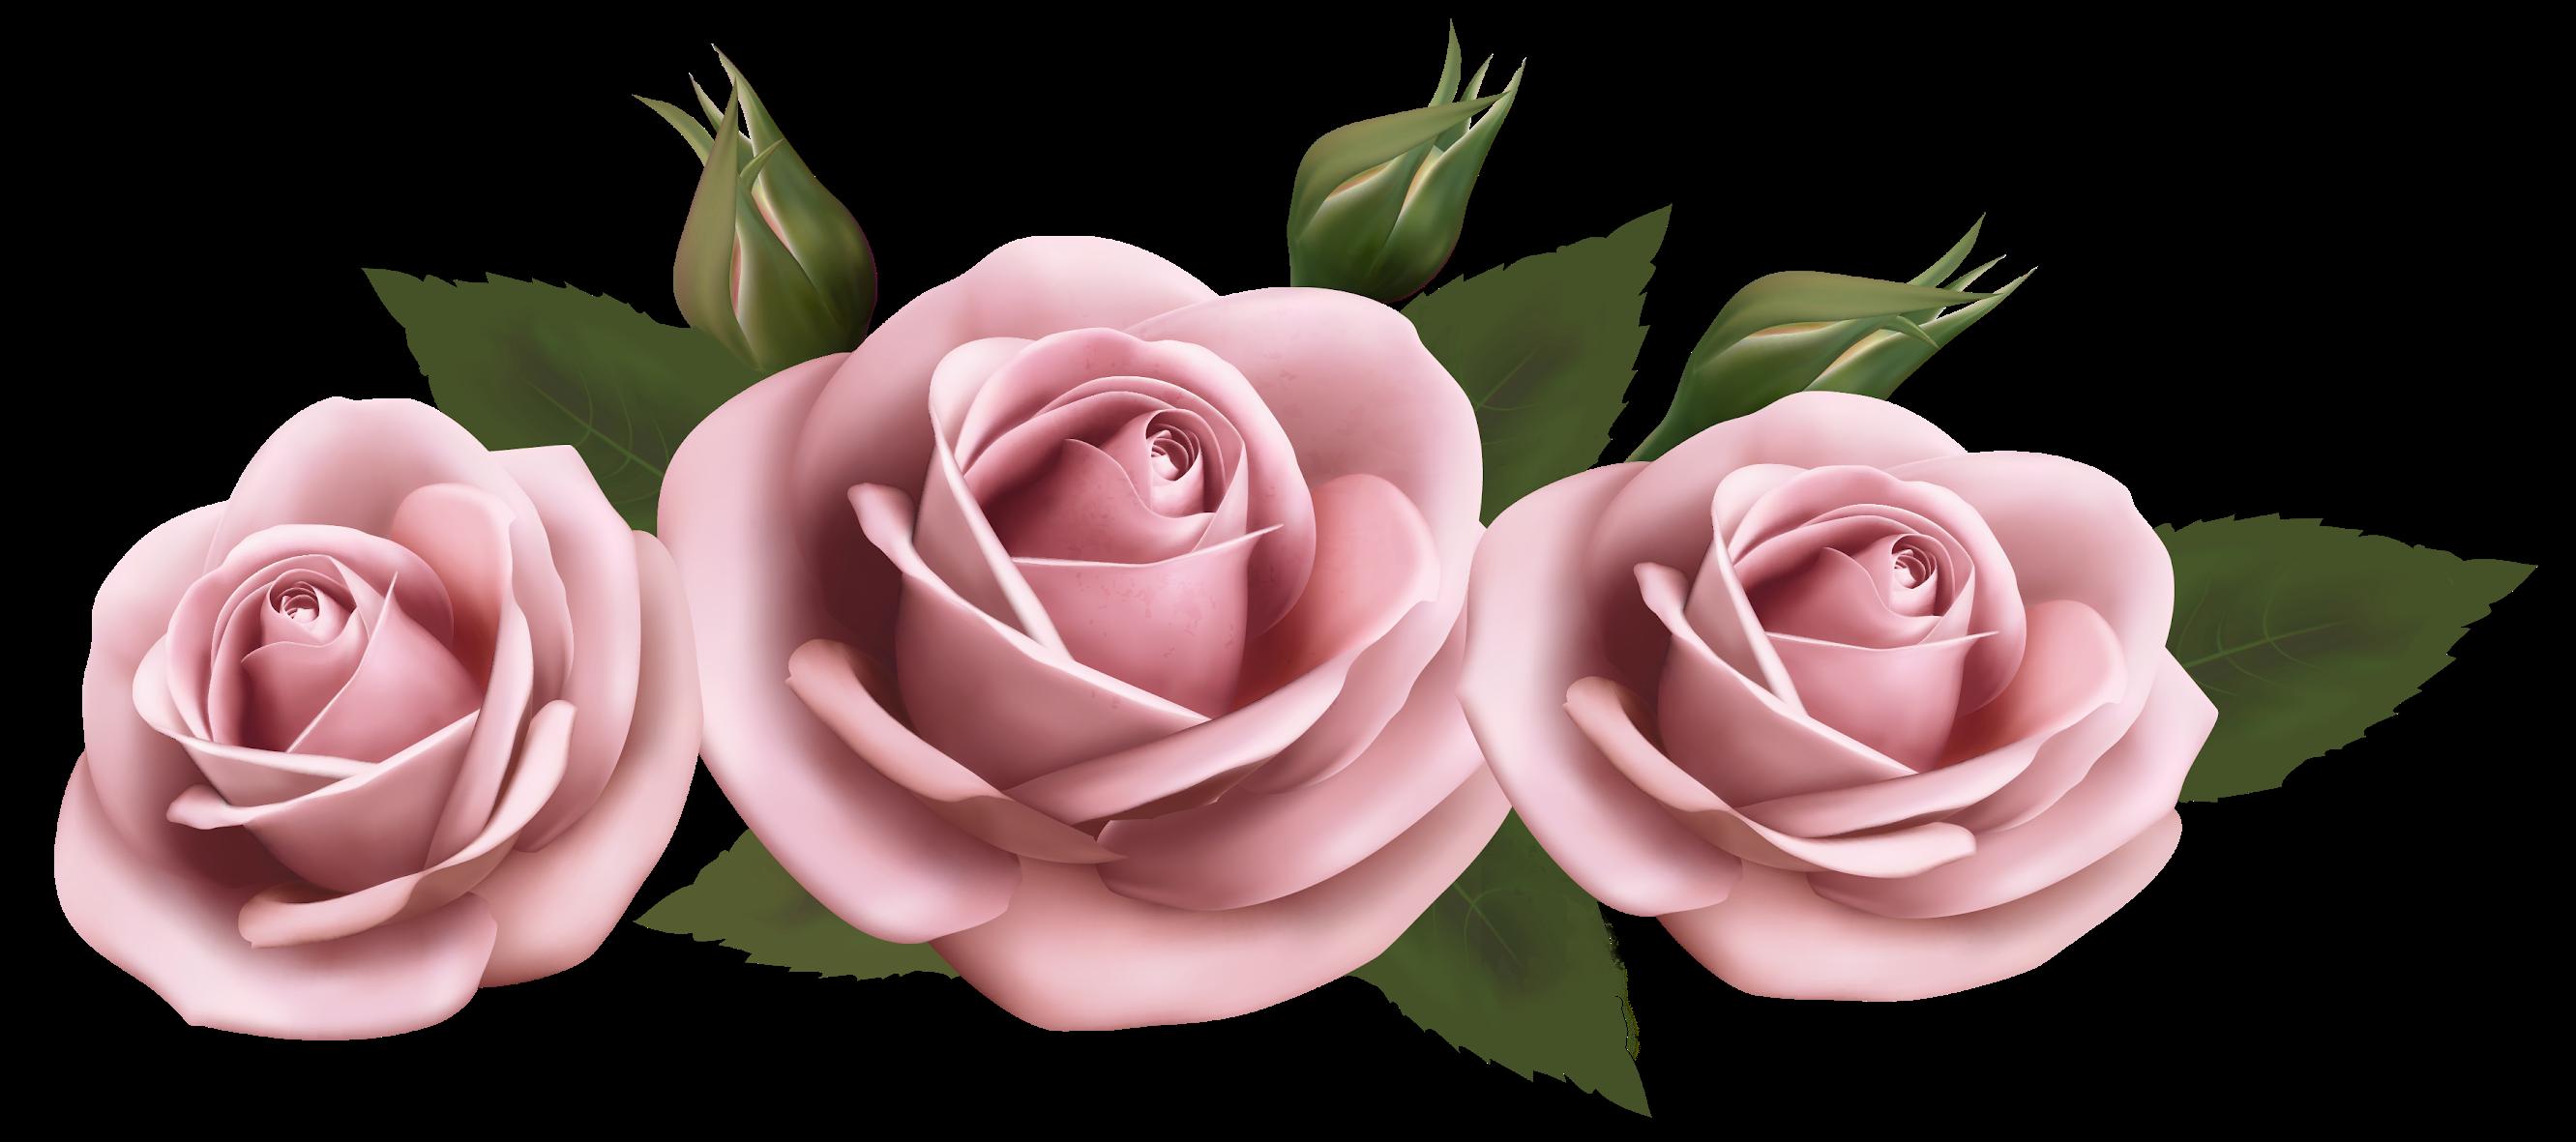 Rose Pink Clip Art Light Pink Rose Png Clipart Pink Rose Png Flower Prints Rose